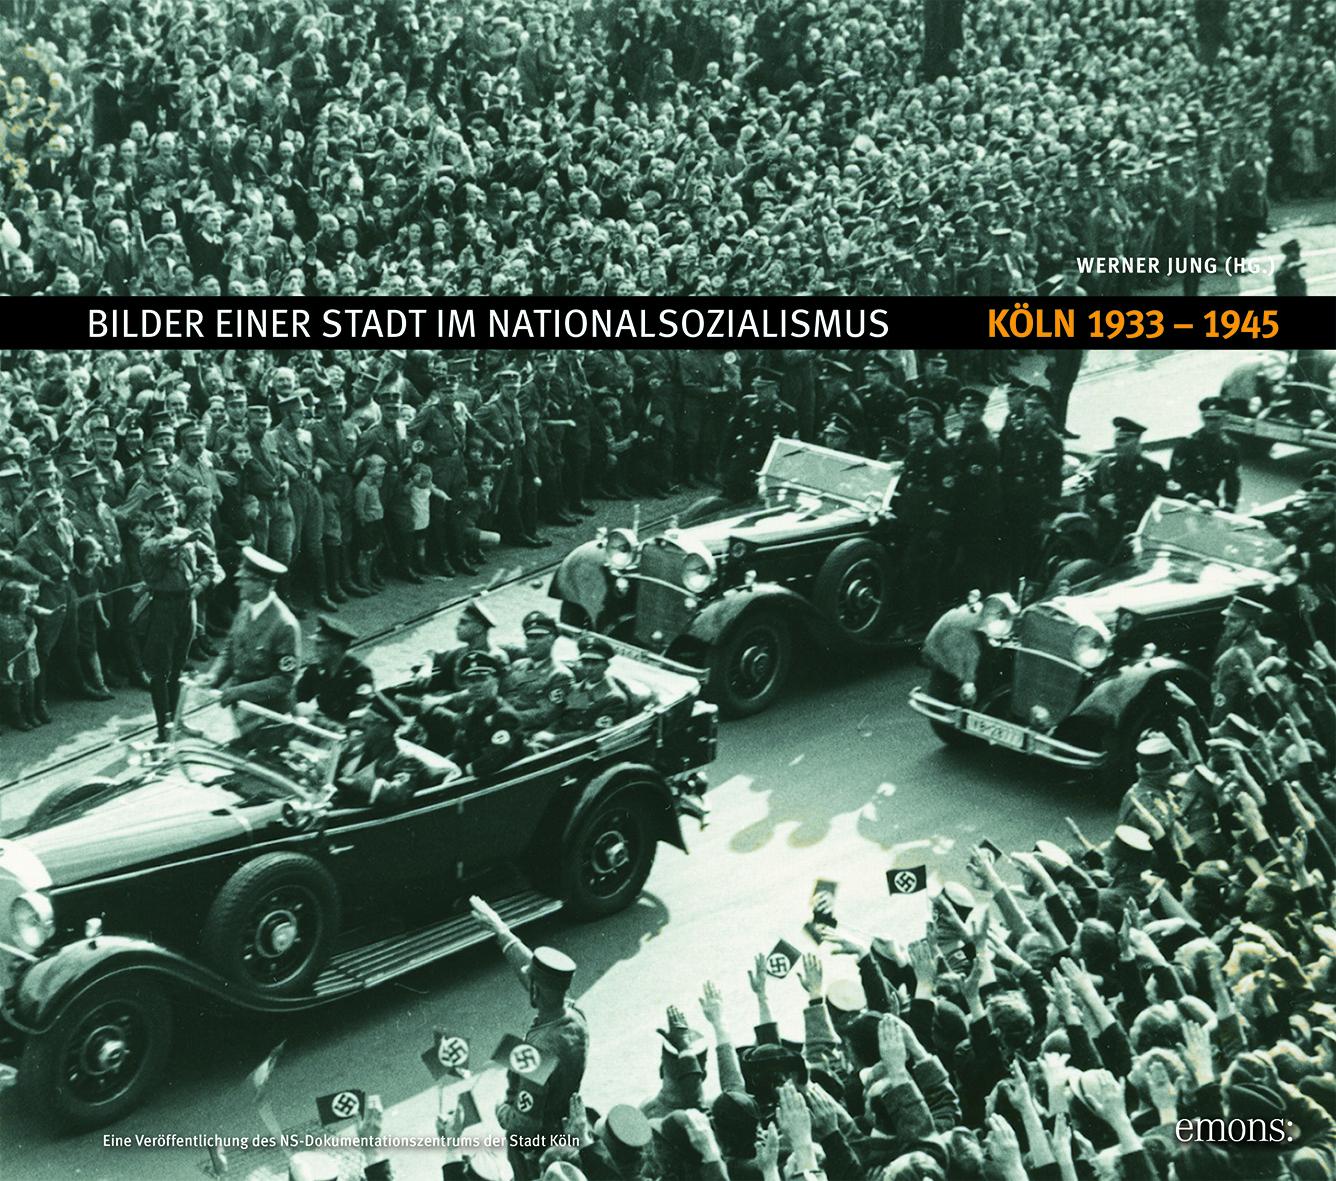 cover-3-bilder-einer-stadt-im-nationalsozialismus